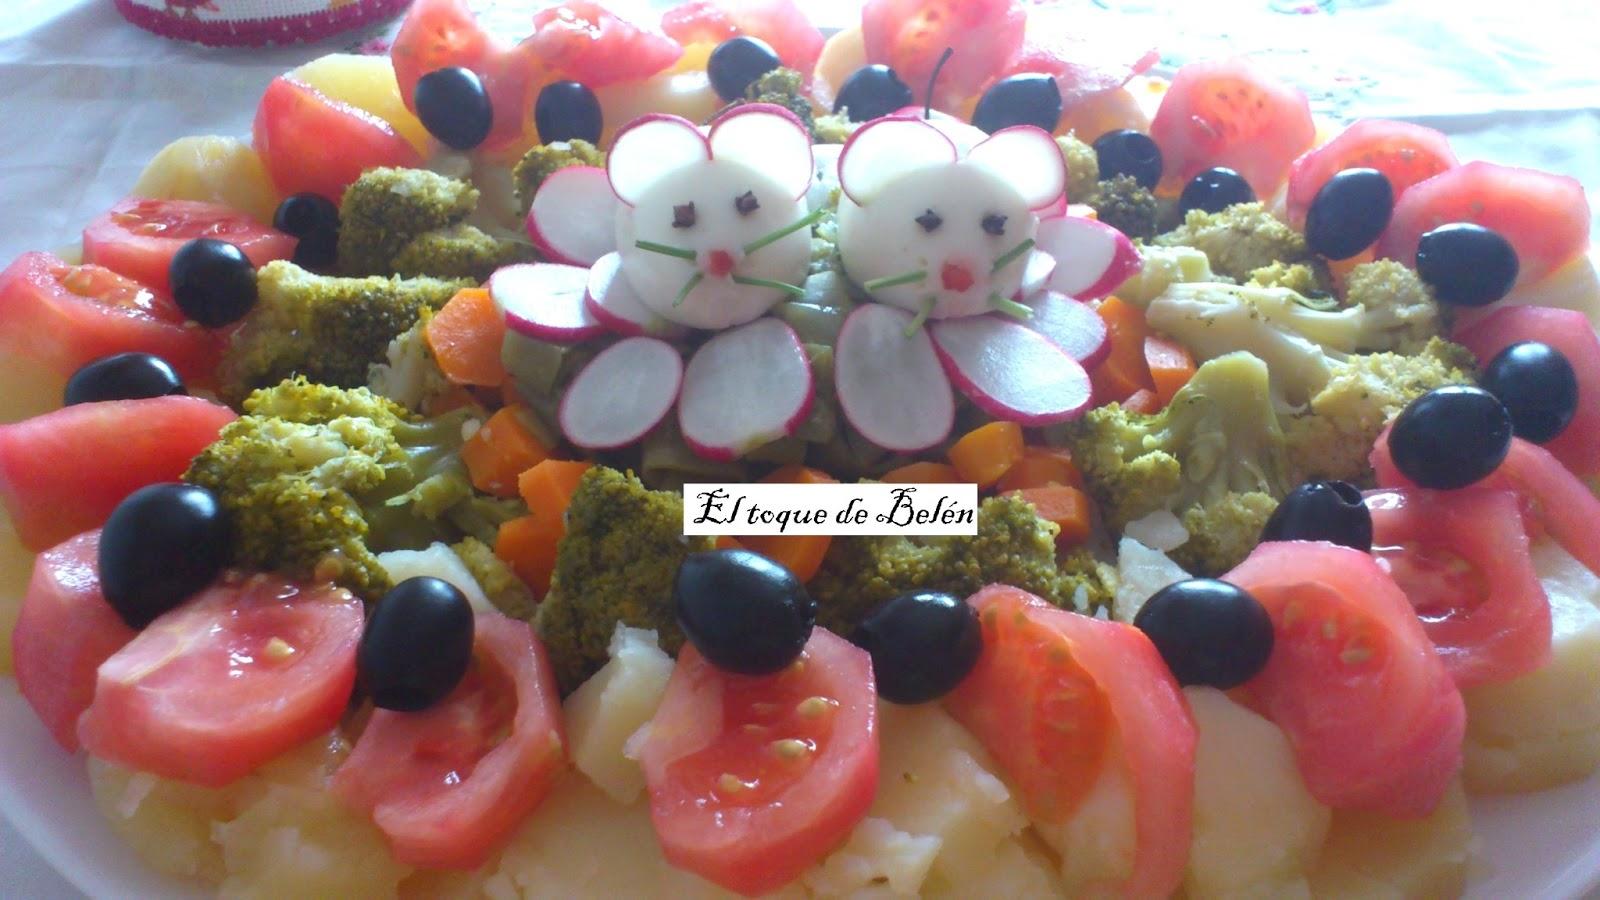 Ensalada de verduras con ratoncitos el toque de bel n - Hacer menestra de verduras ...